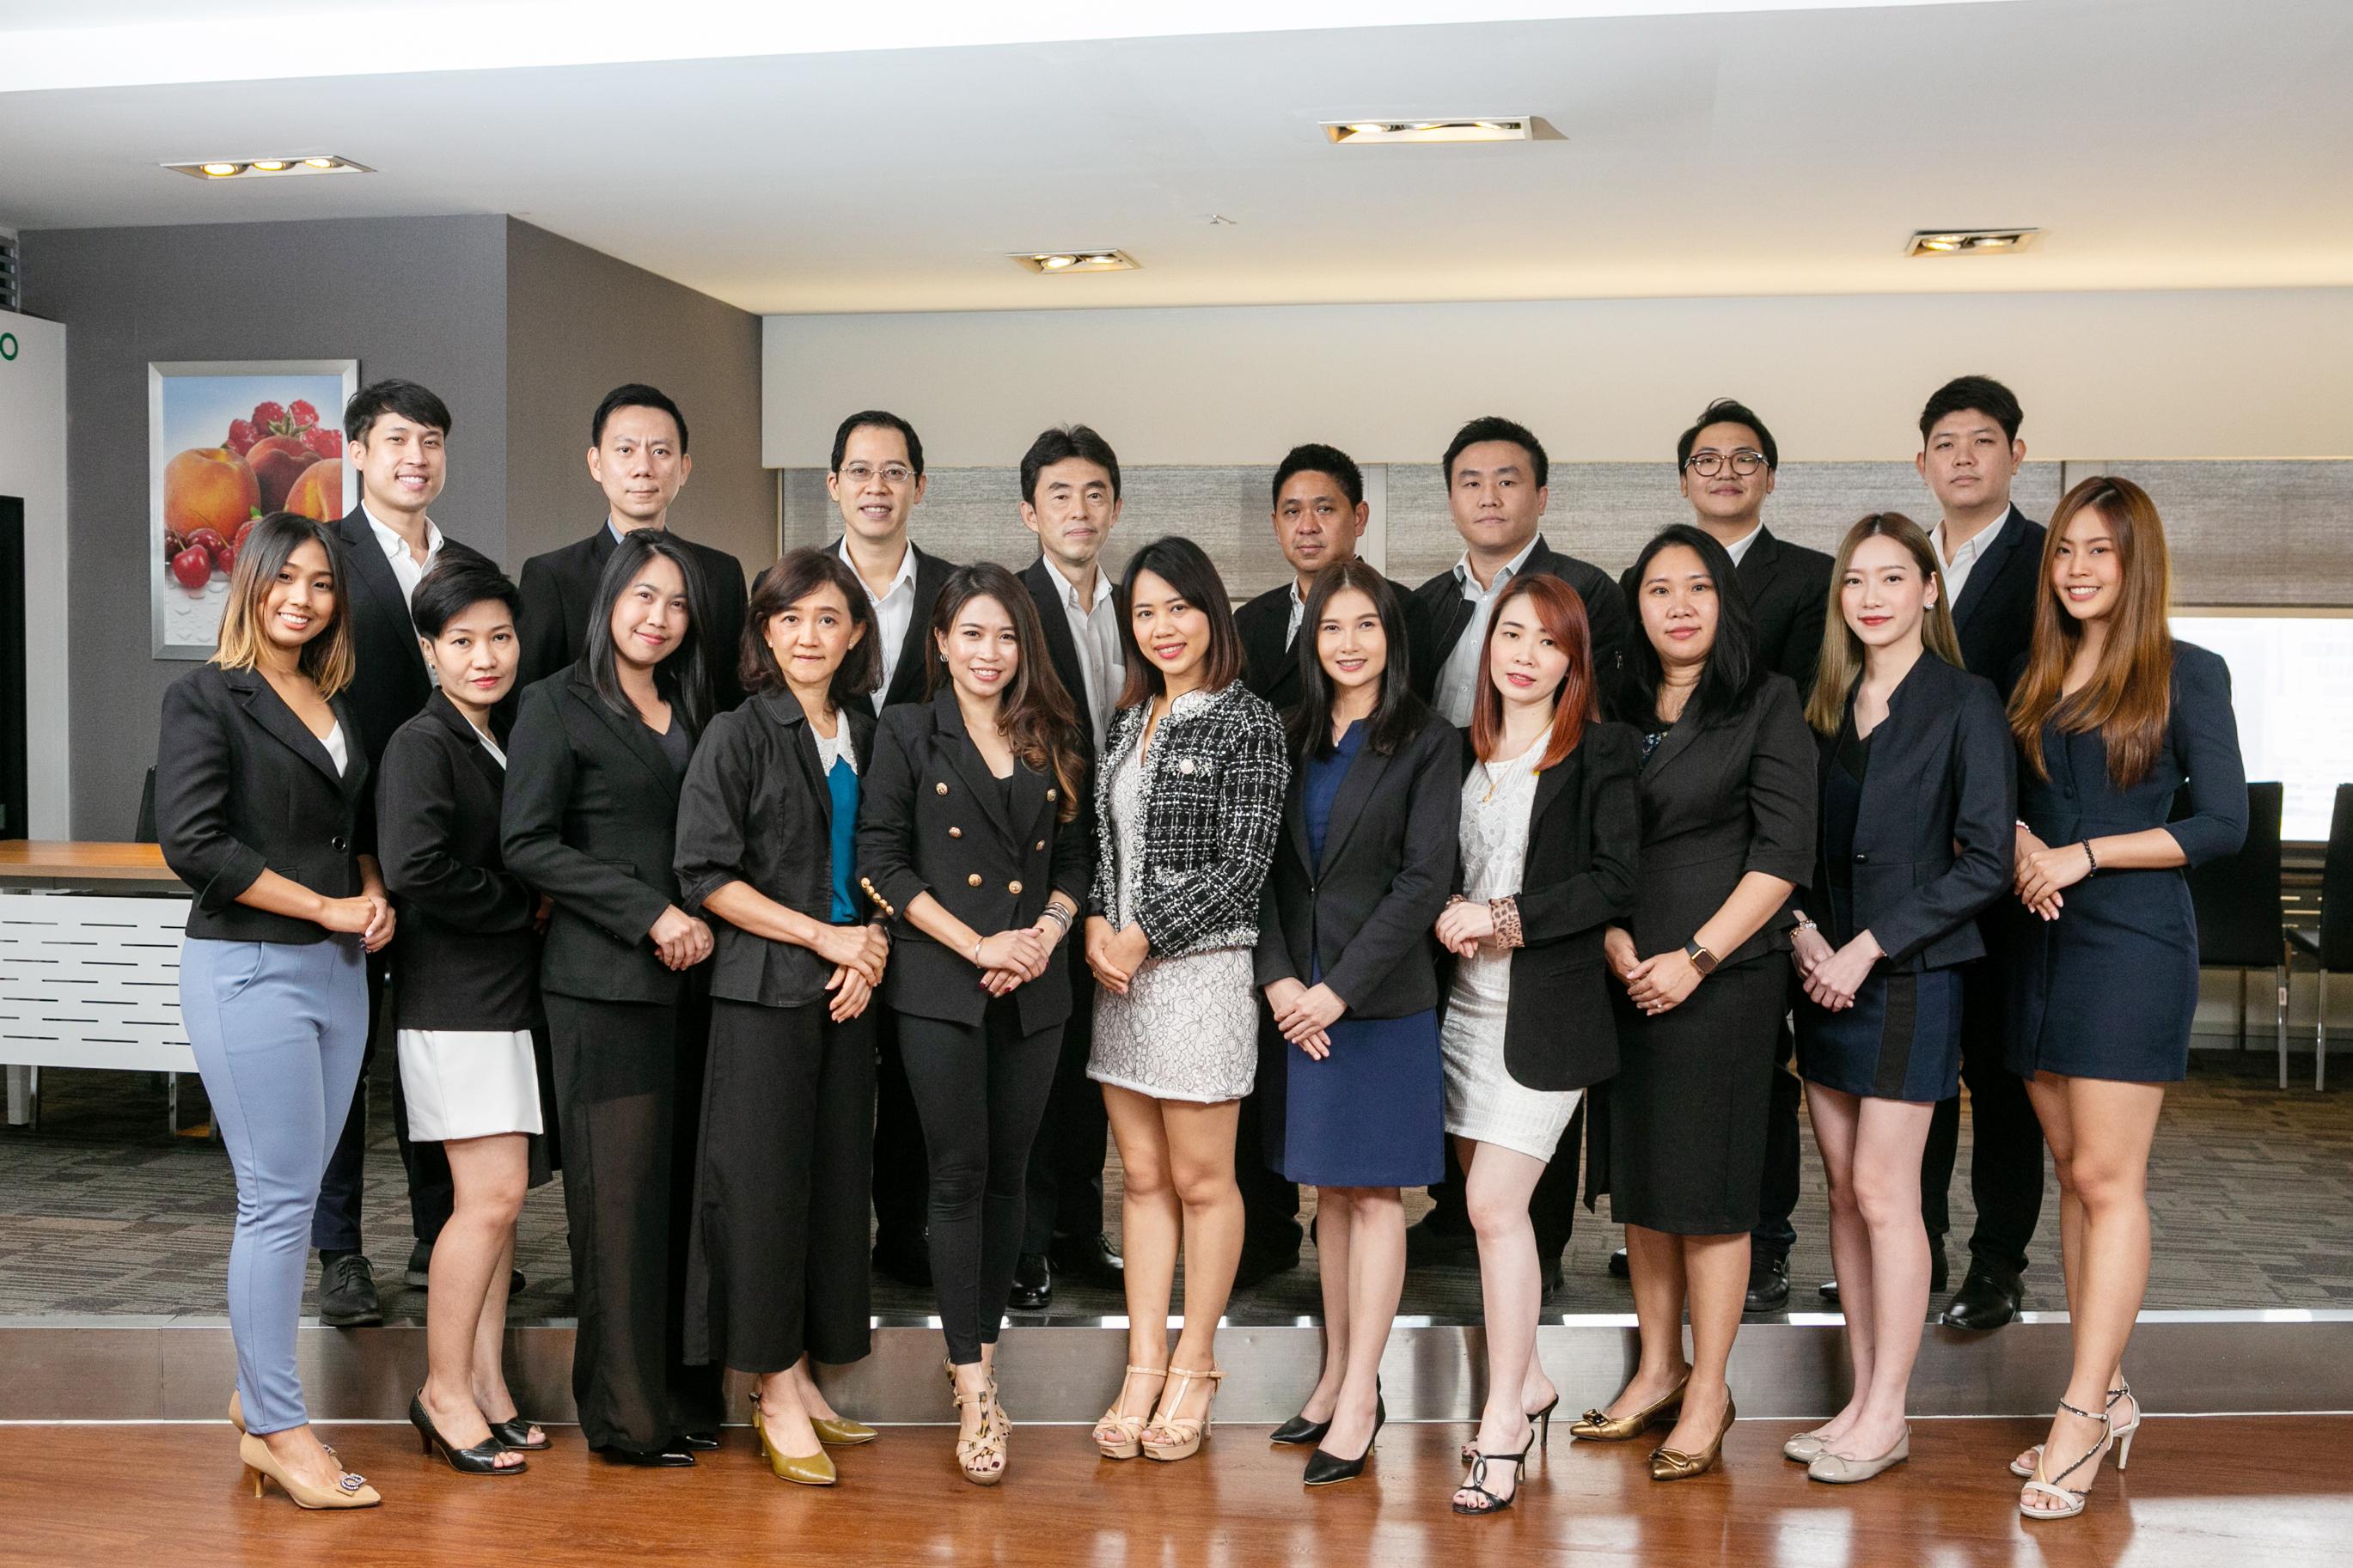 ビジネス経験豊富なタイ人スタッフ陣。セミナーや少人数に向けたワークショップ開催など、同社製品・サービスを周知する機会を増やしていくという